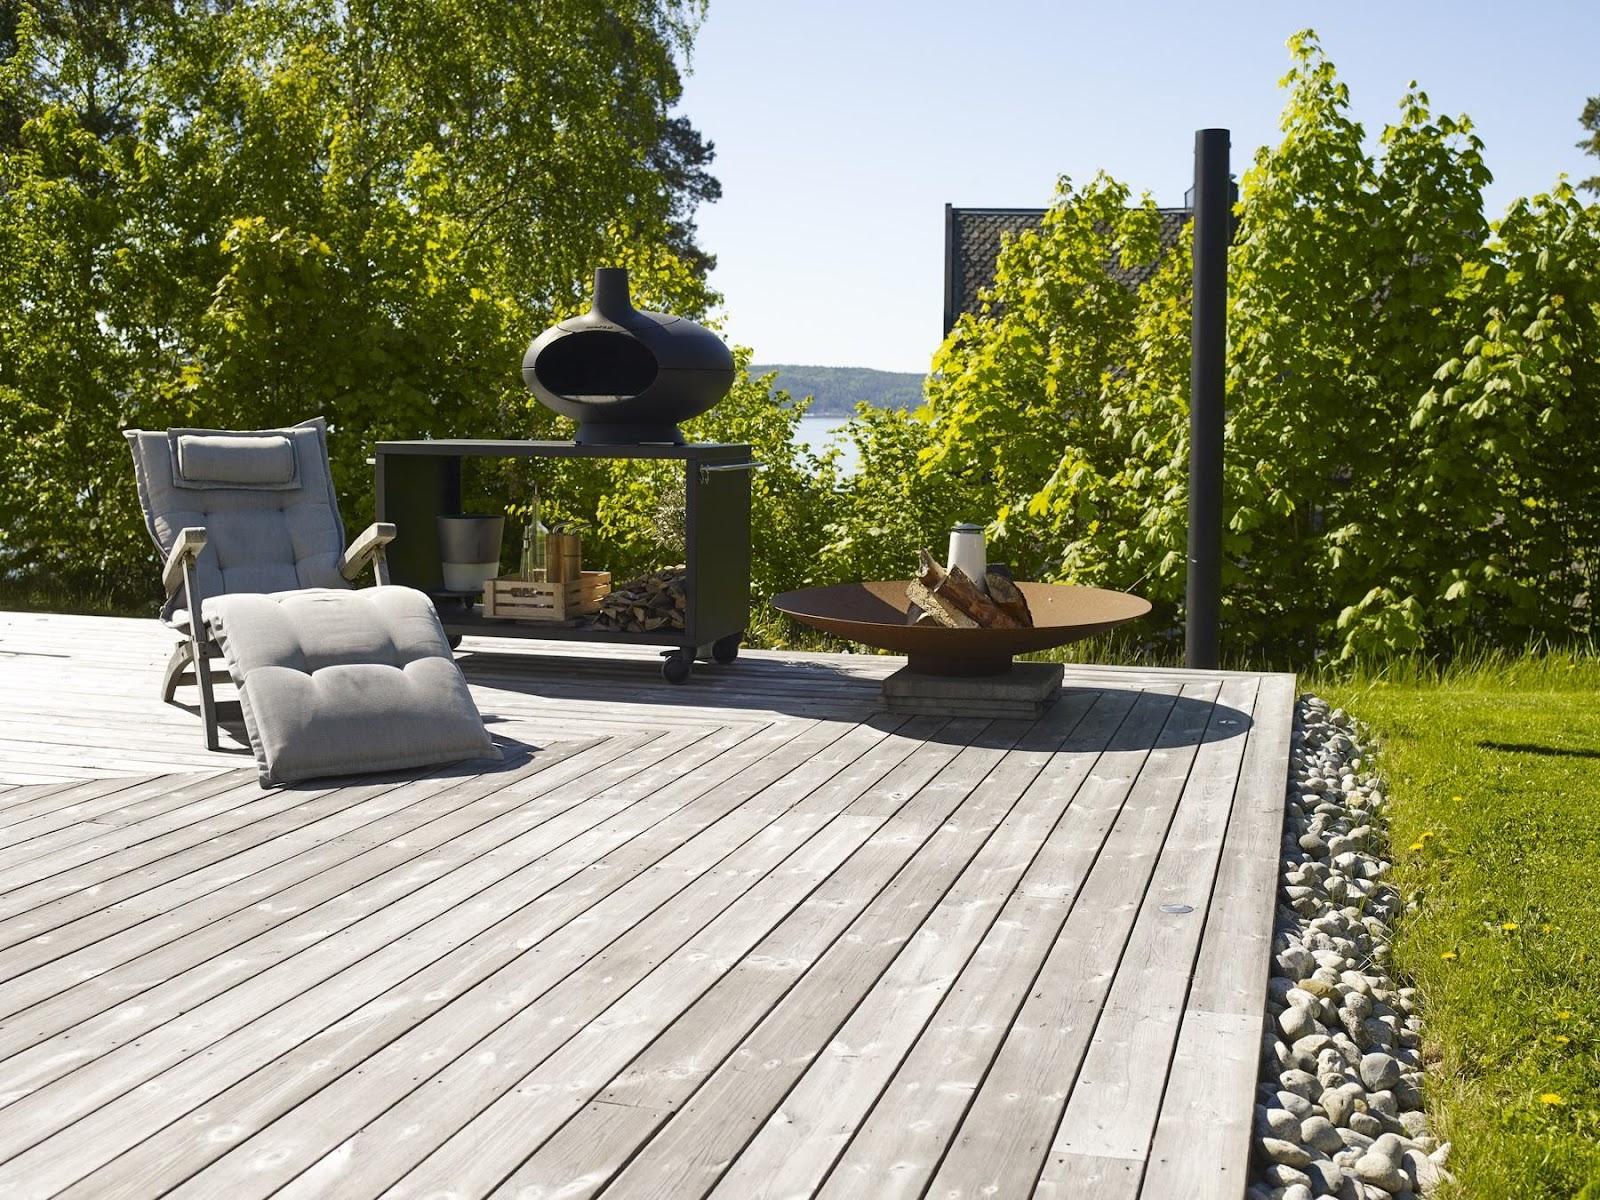 Détente au soleil: Sur cette terrasse privée, la patine grise argentée du bois Kebony fait vraiment tout son effet. Les lames de terrasse sont en harmonie avec les meubles de jardin.